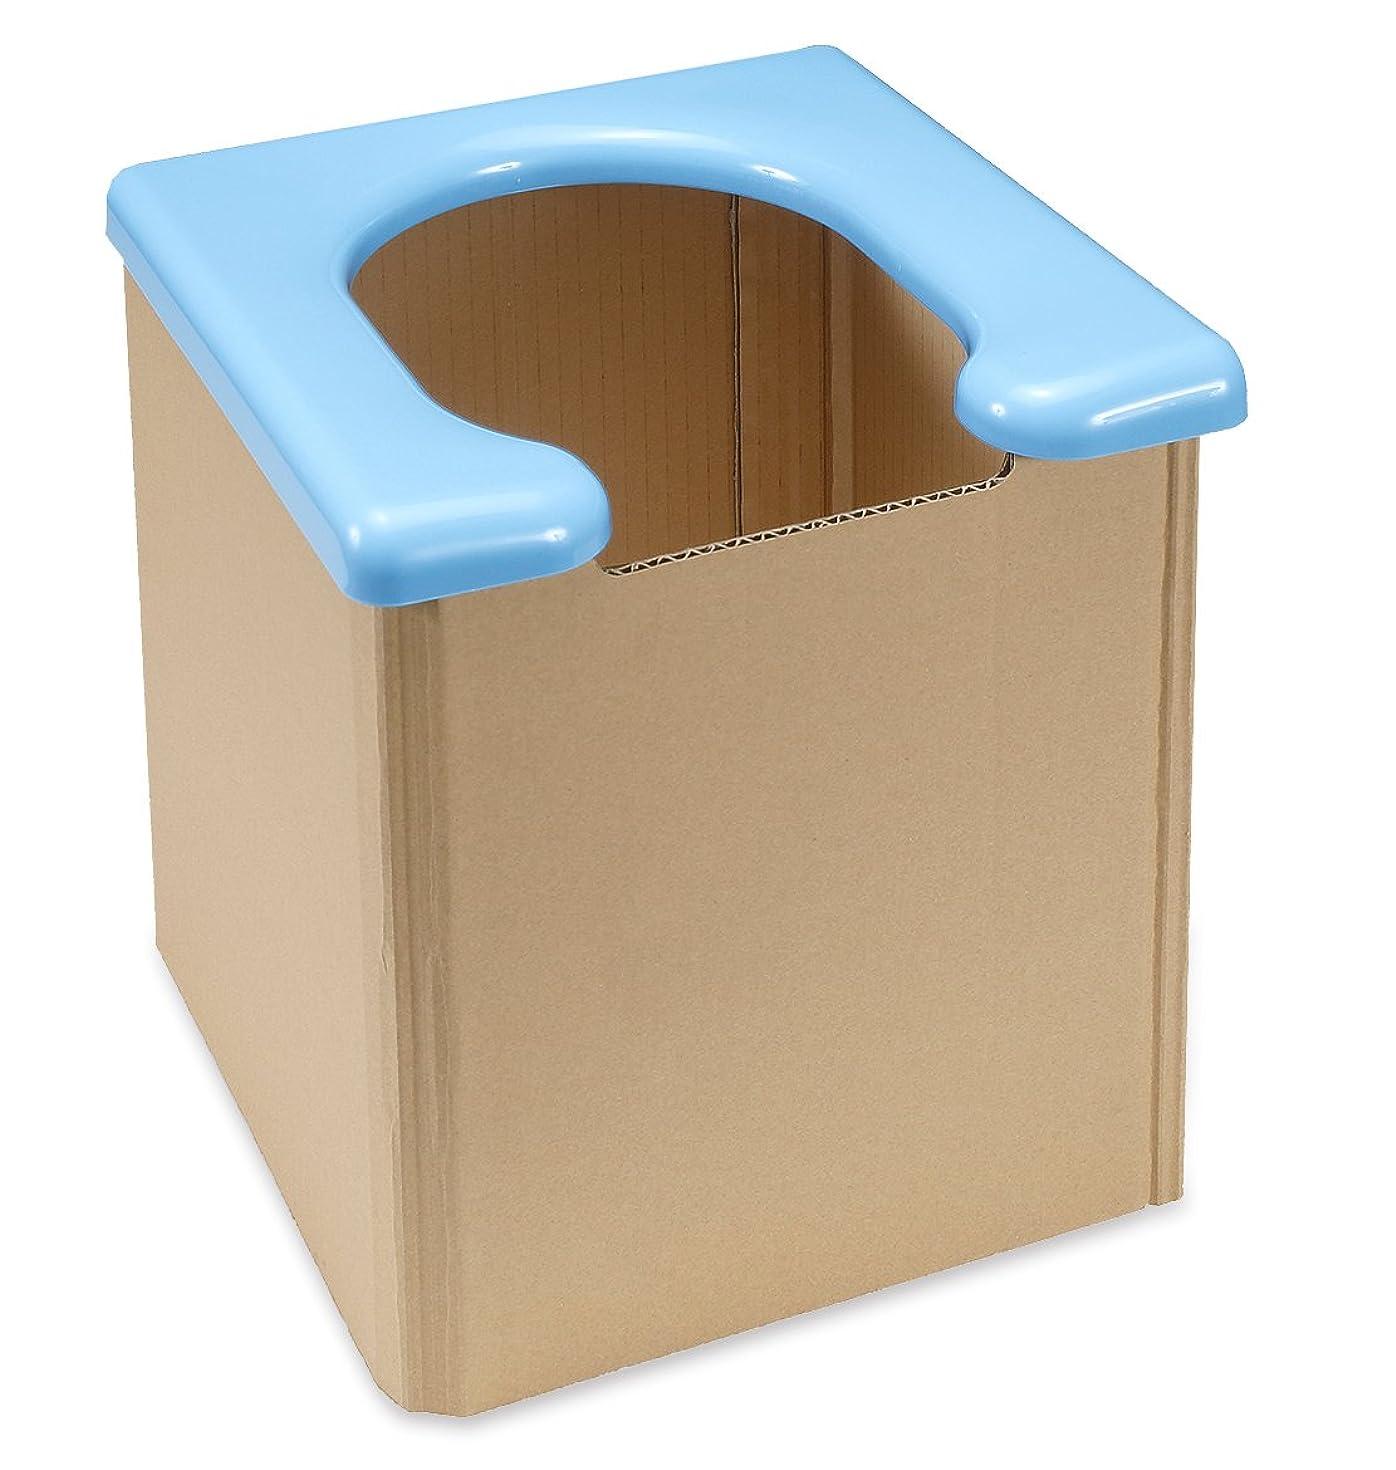 植物学者不均一計算可能サンコー 非常用 簡易トイレ 日本製 組み立て簡単 耐荷重120kg 携帯 R-58